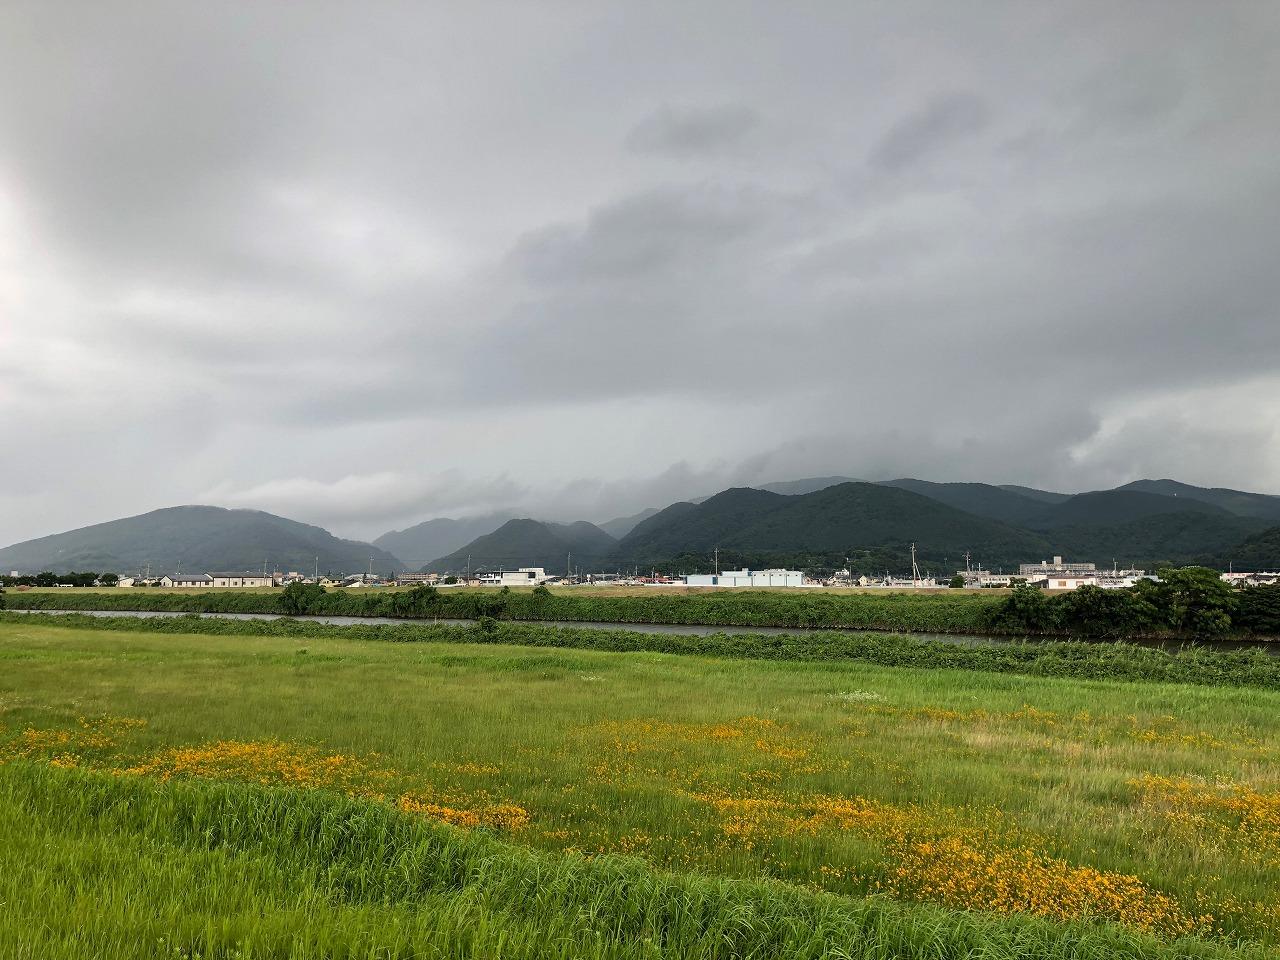 2018.6.29 今朝の金峰山です。